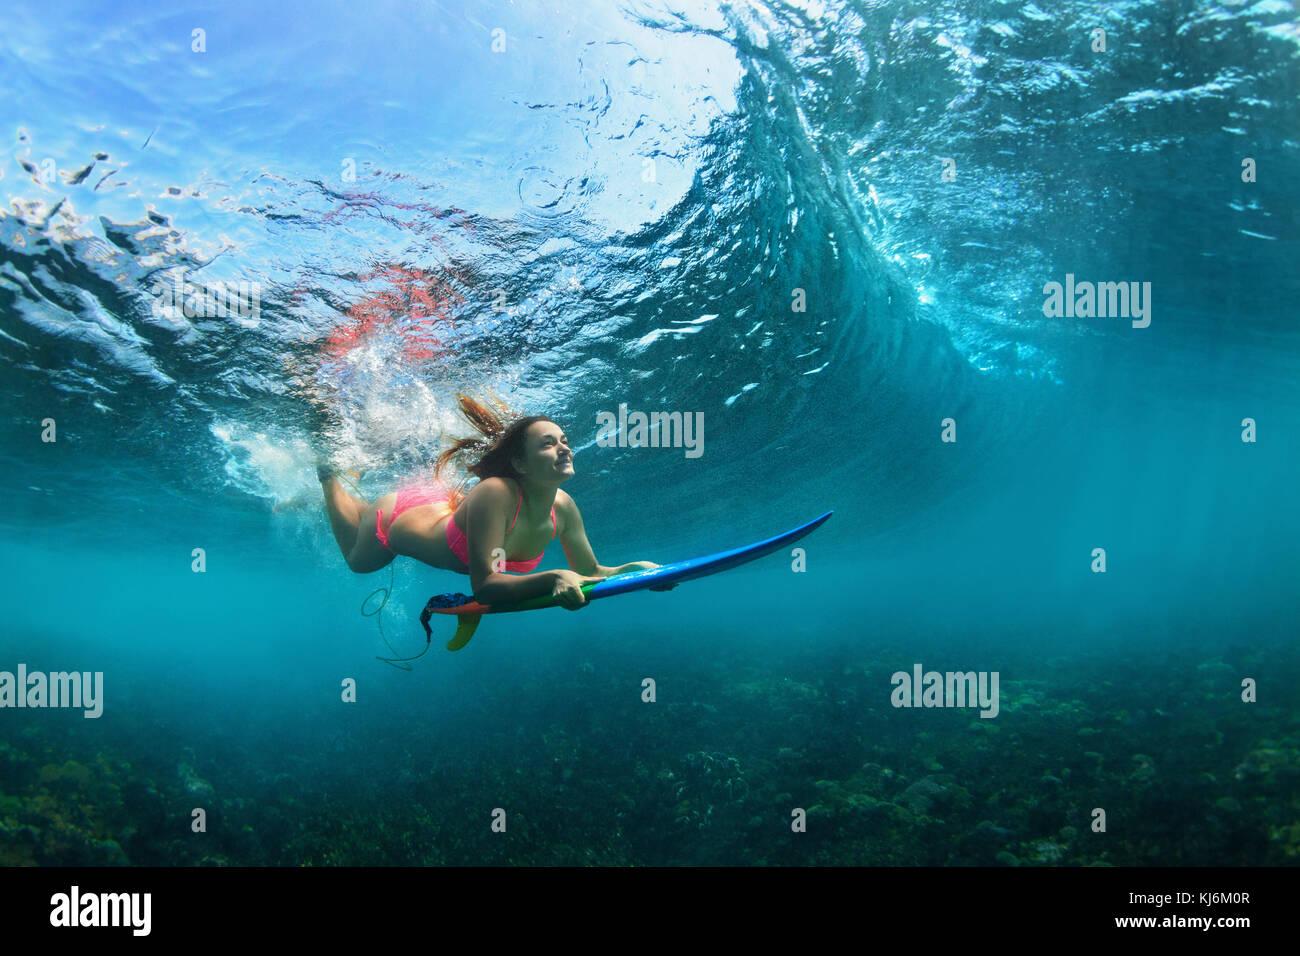 Active girl in bikini en action. femme surfeur surf avec sous-marine Plongée sous casser grande vague de vie Photo Stock